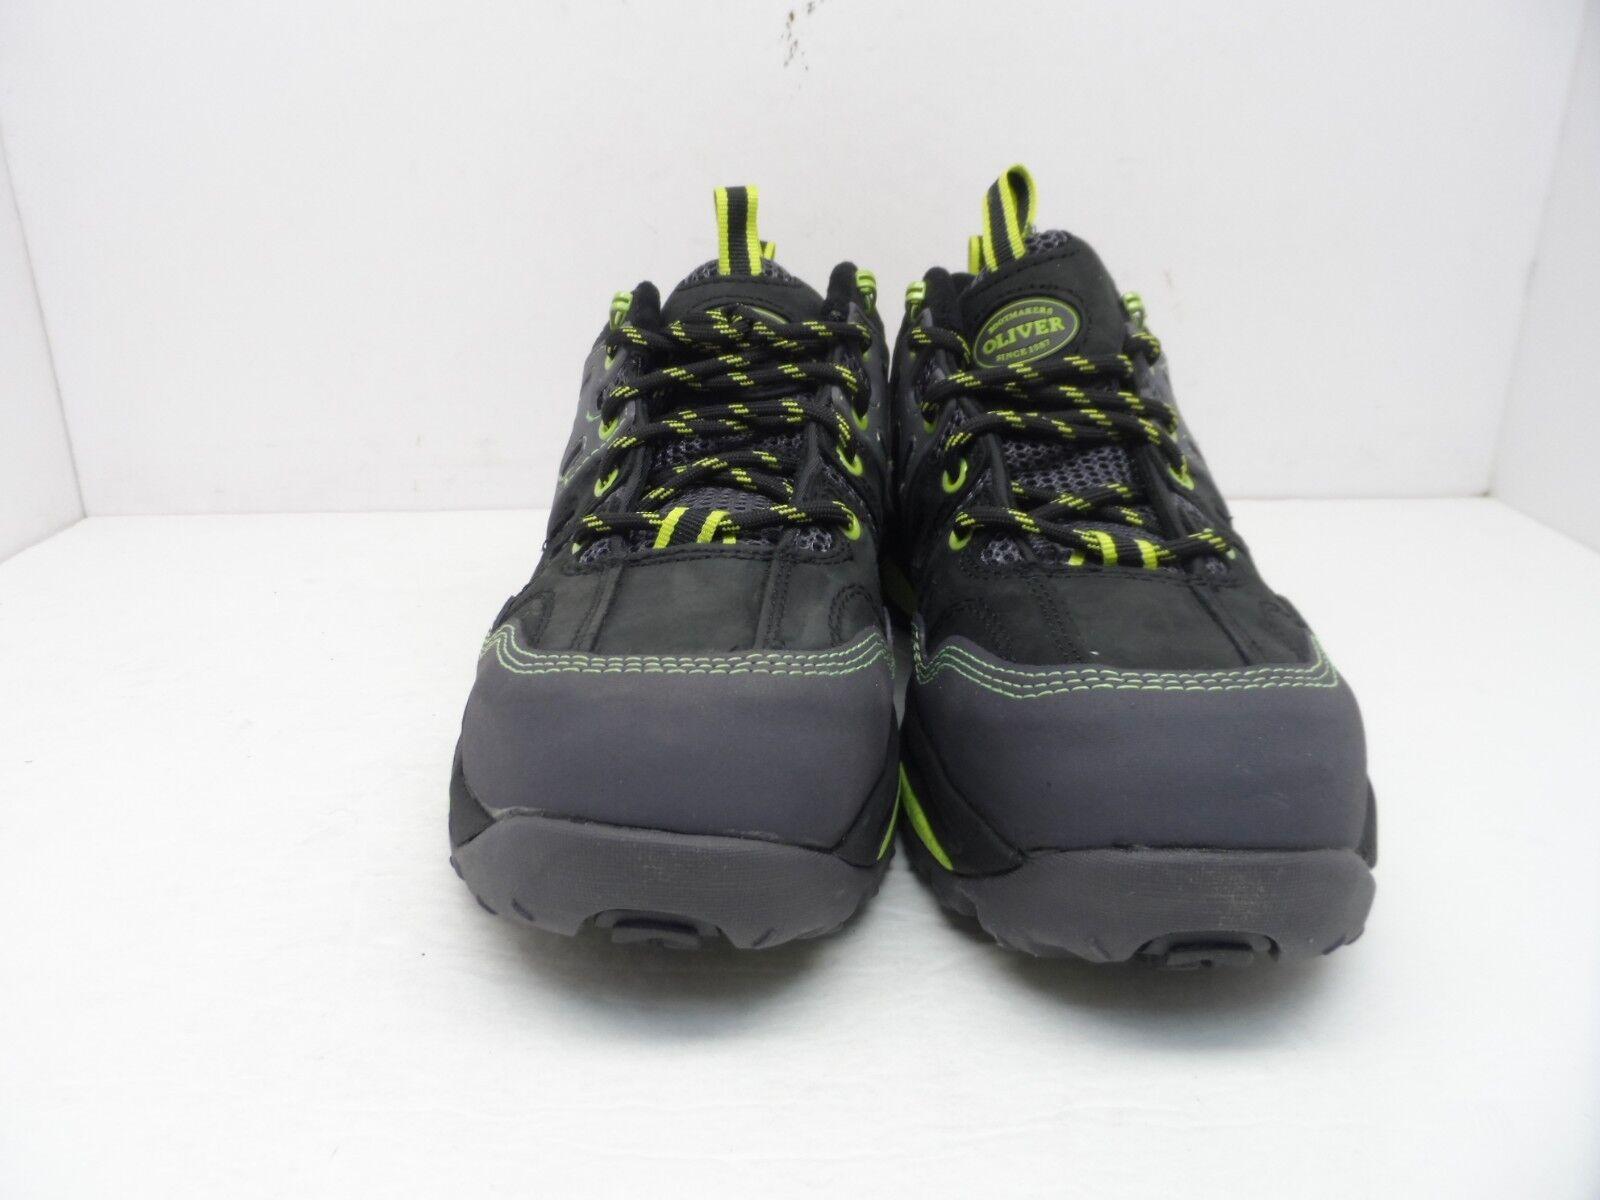 Oliver by Honeywell Para Mujer Zapatos Trabajo tamaño Para Excursionista industrial baja tamaño Trabajo OL21111 11M cd8fe6